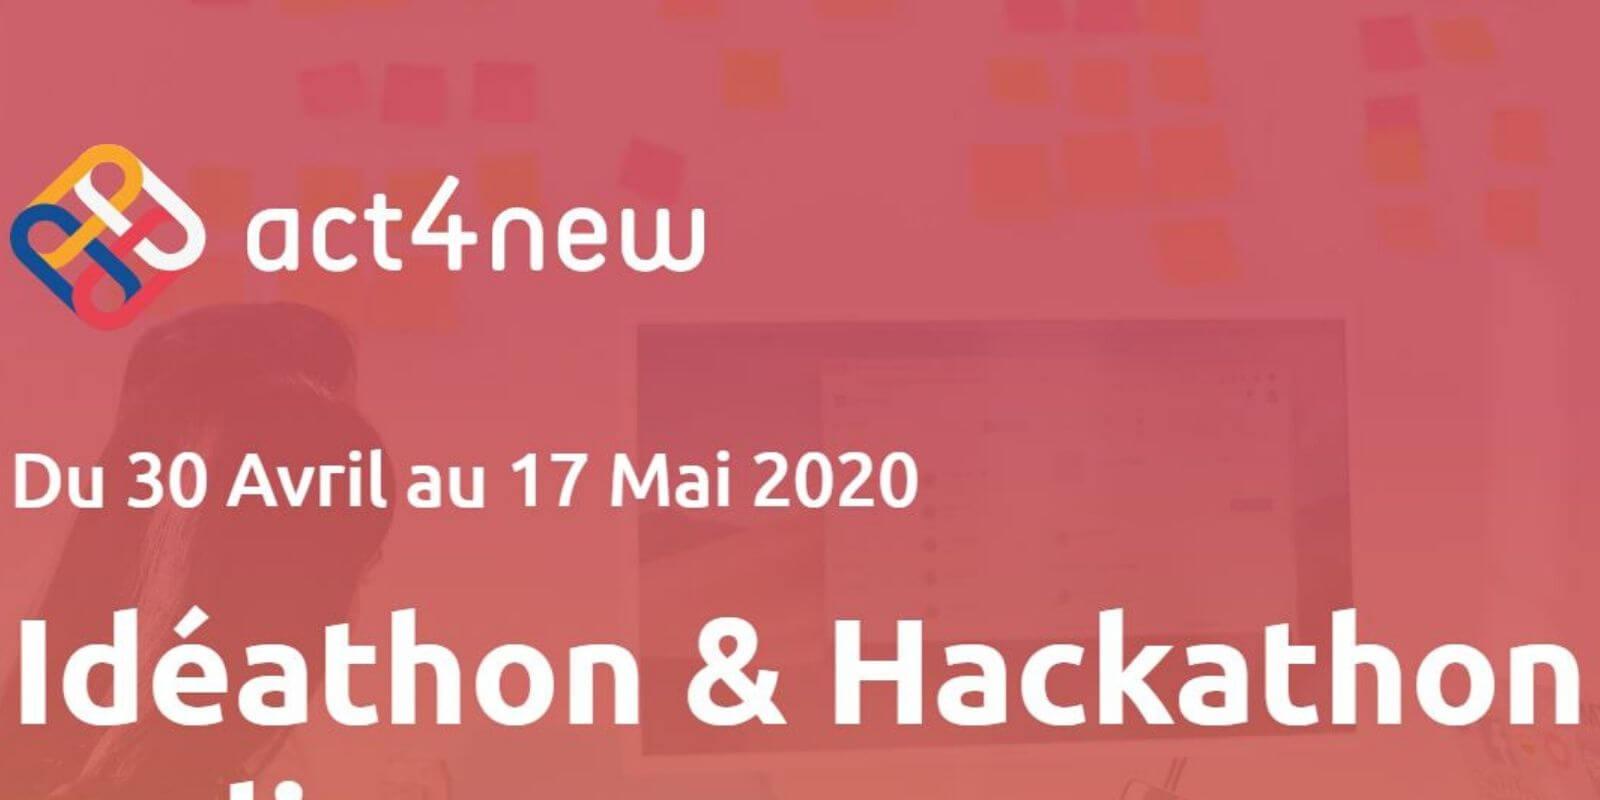 France : deux solutions blockchain primées lors d'un hackaton dédié au déconfinement